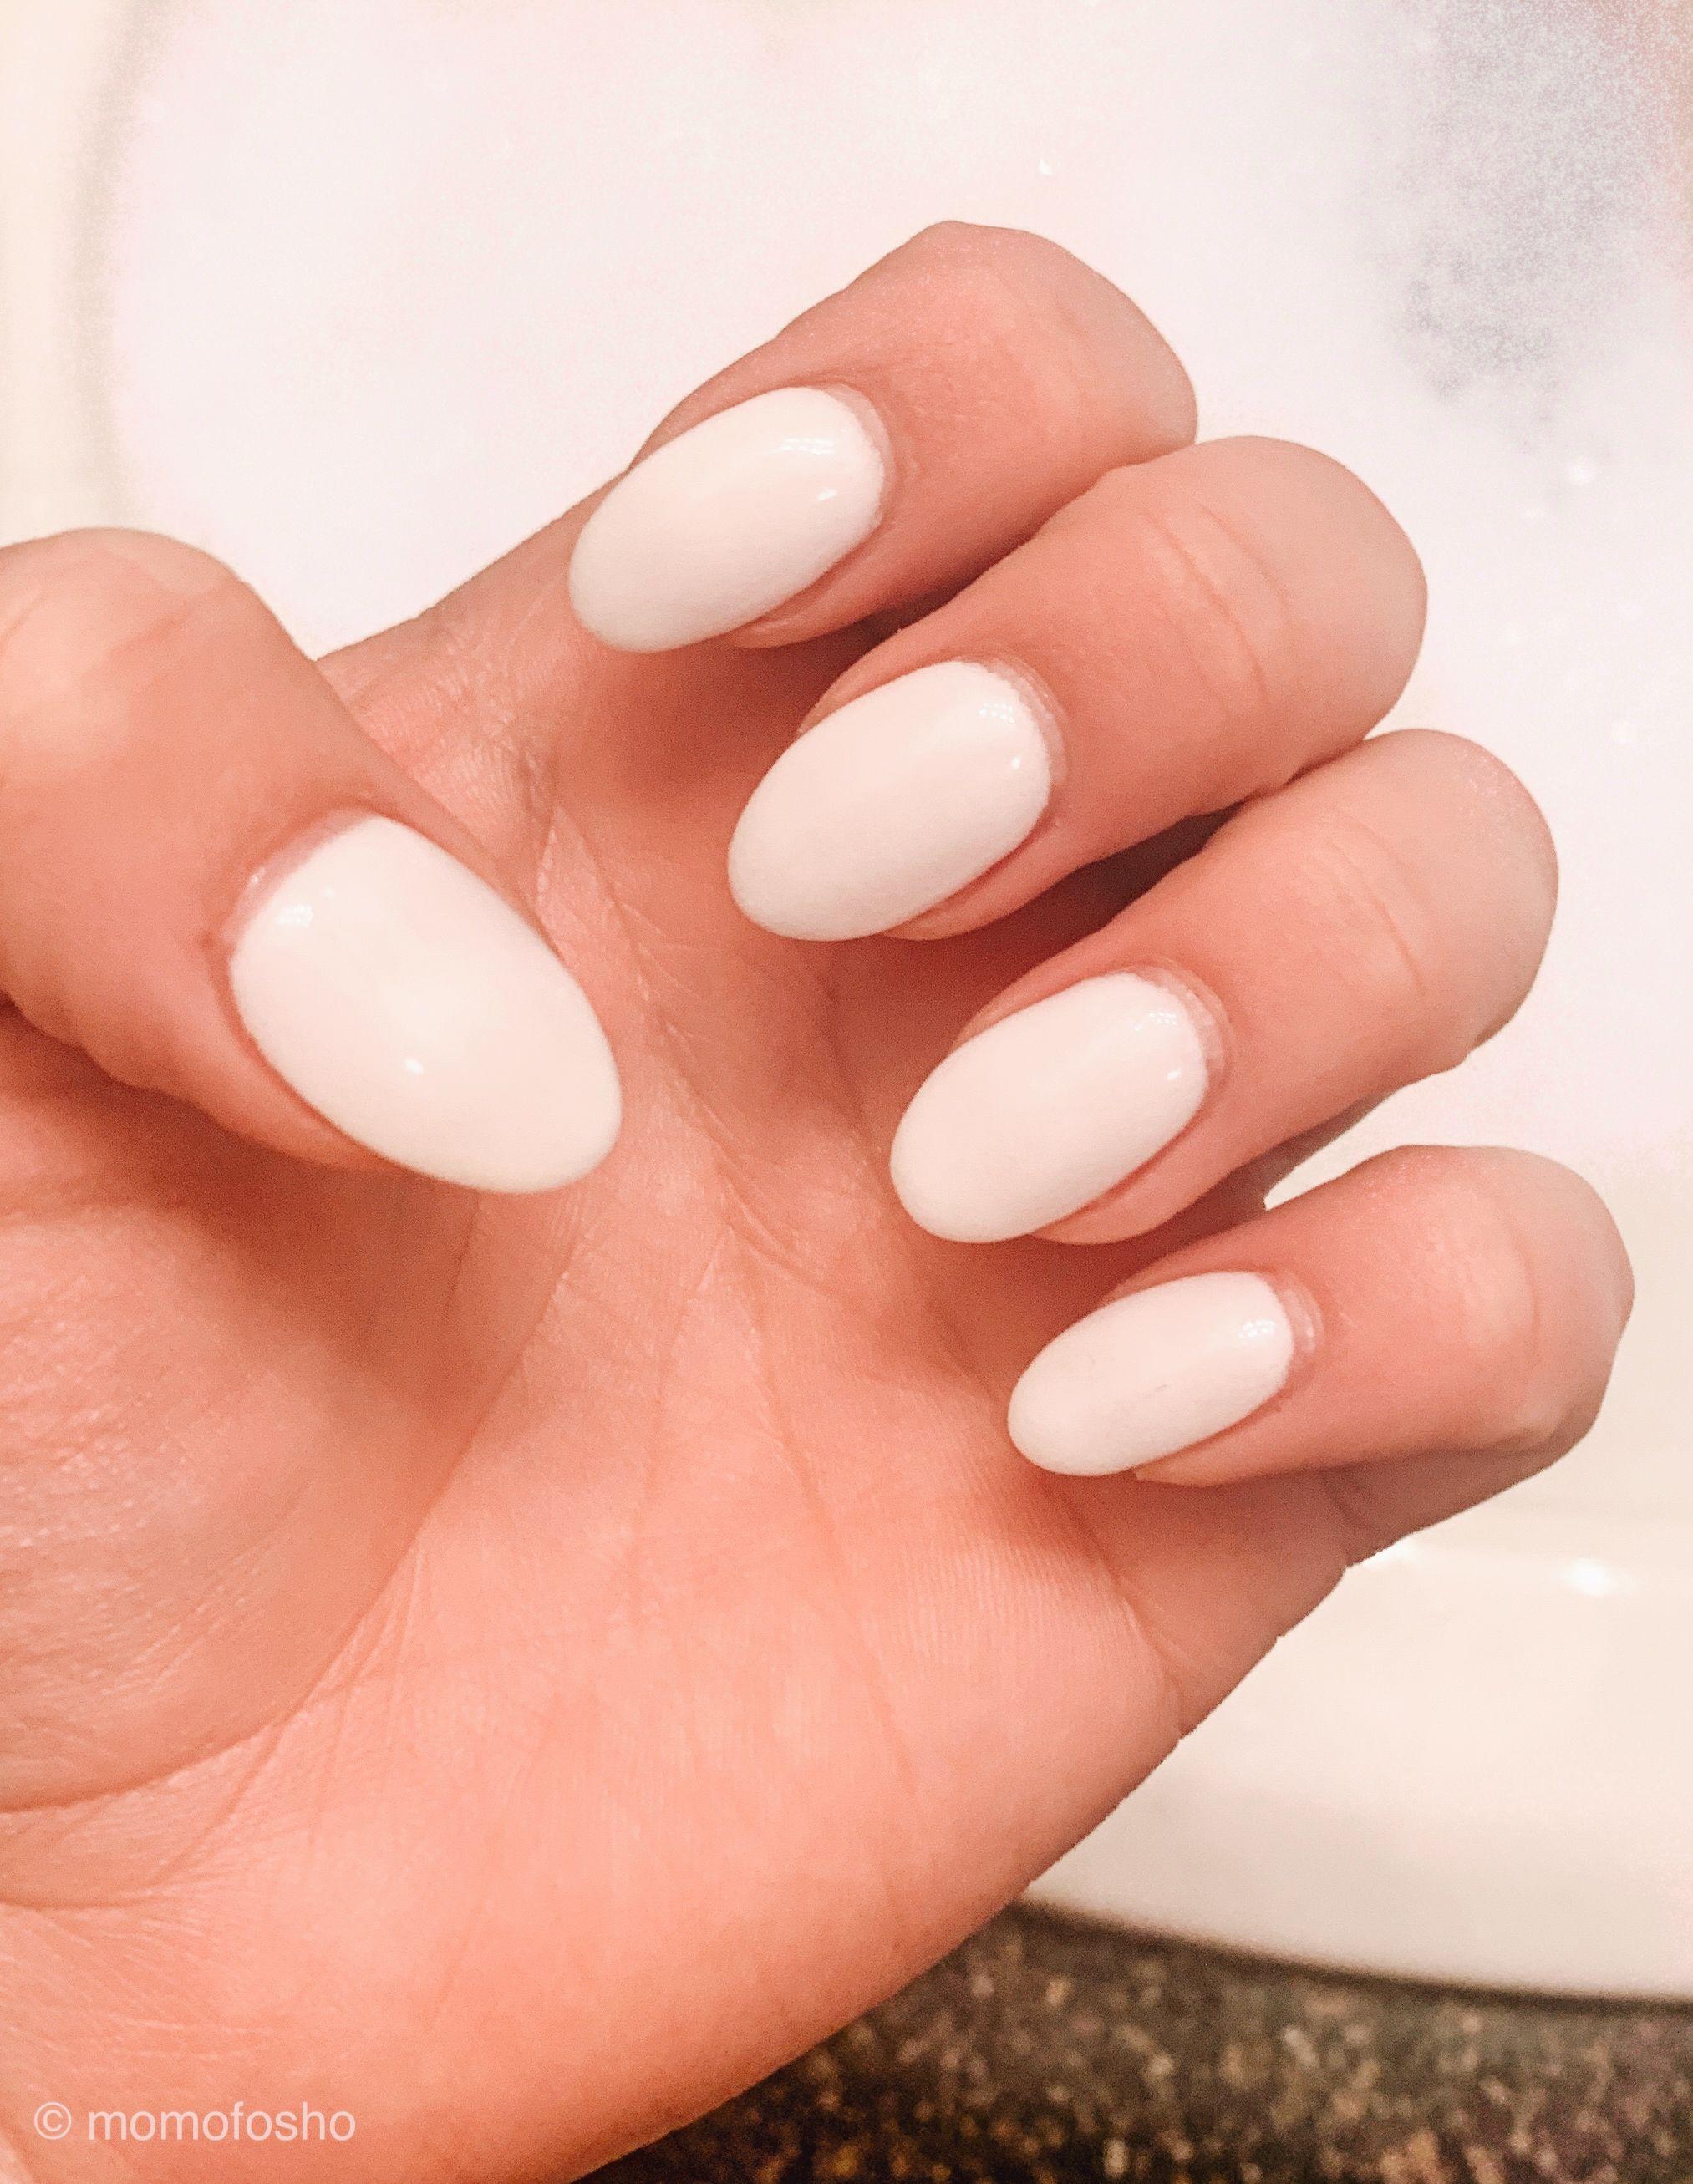 White Almond Shaped Nails Acrylic Nail Shapes Nail Shapes Nails